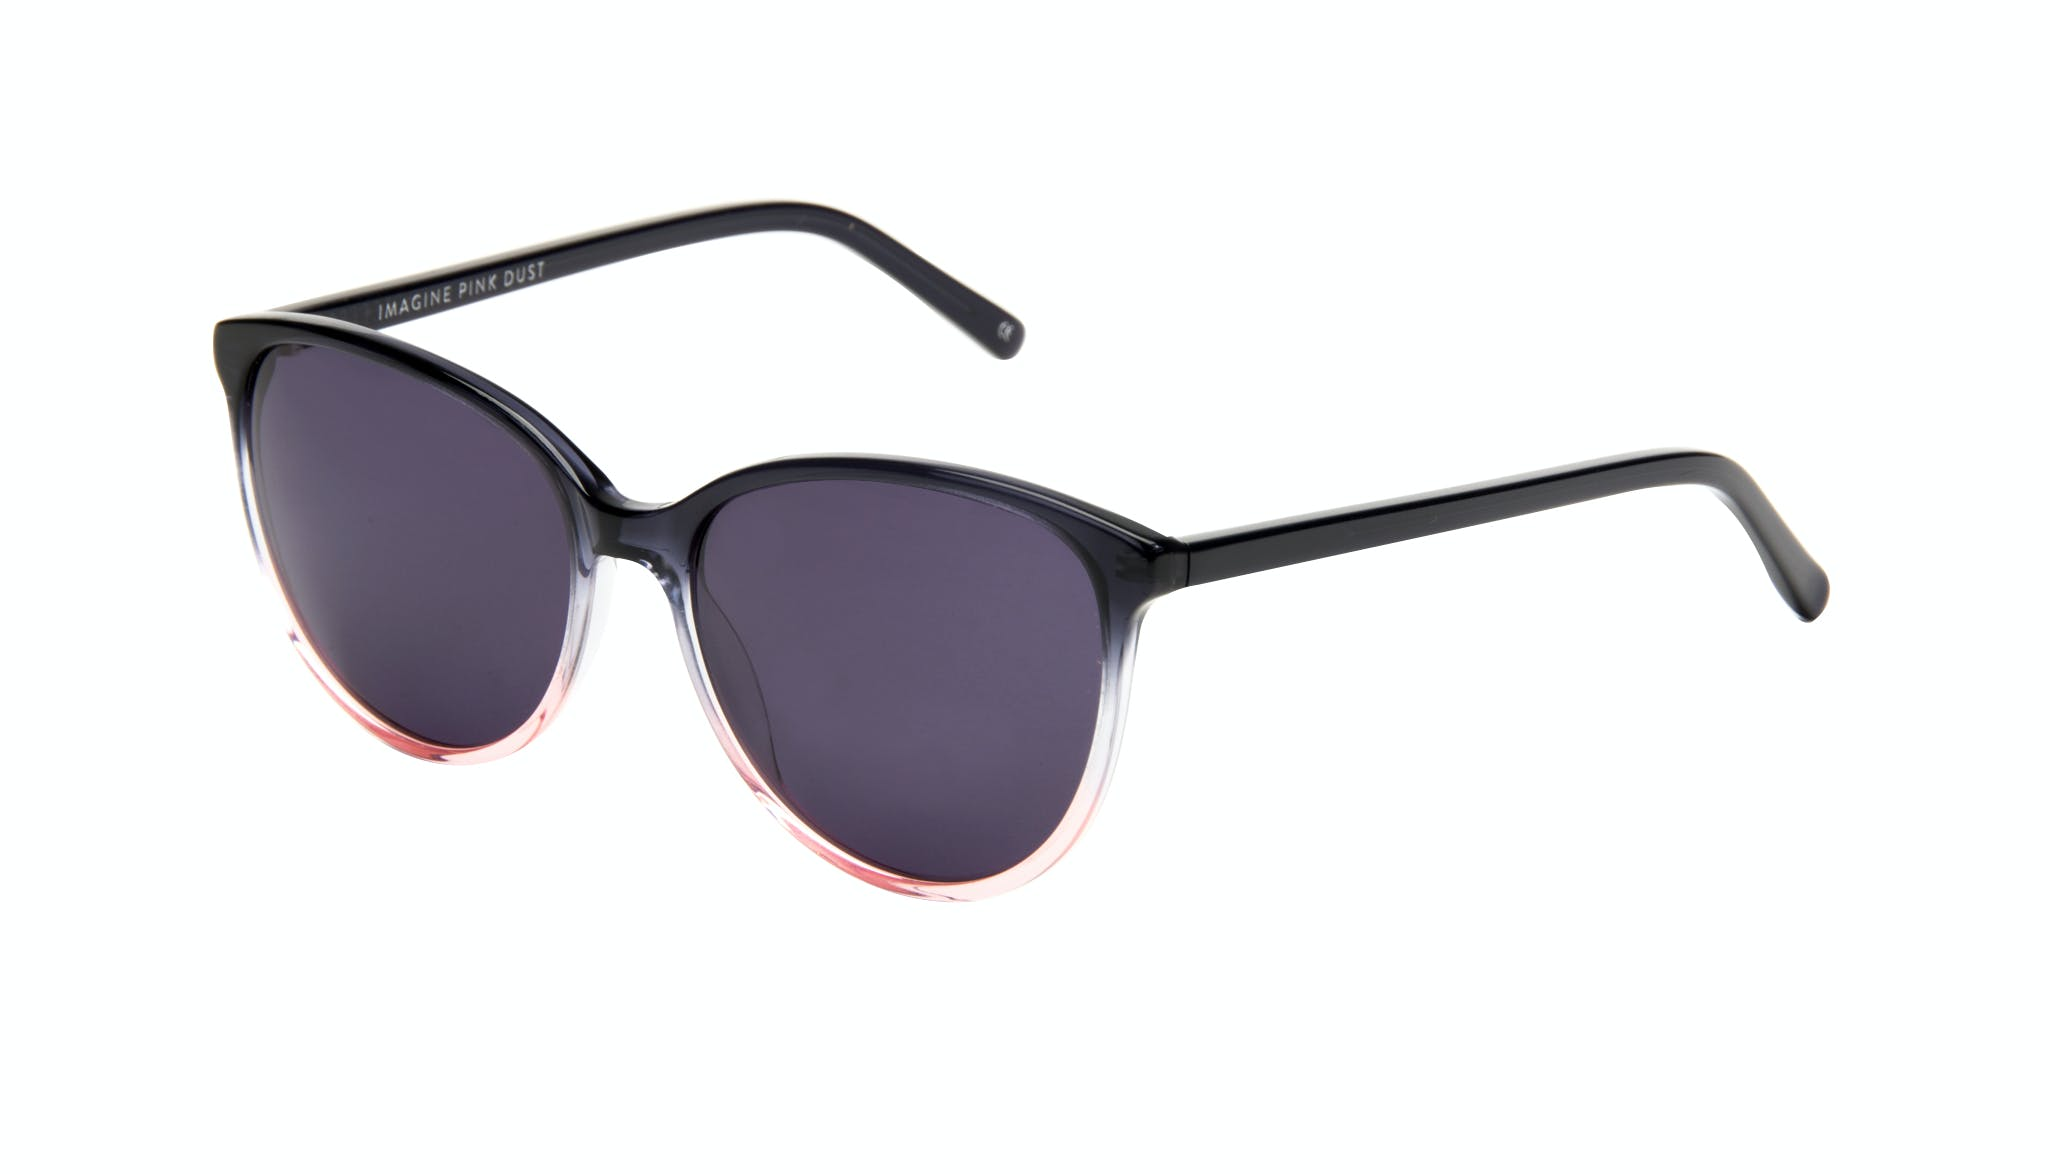 Lunettes tendance Oeil de chat Ronde Lunettes de soleil Femmes Imagine Pink Dust Incliné